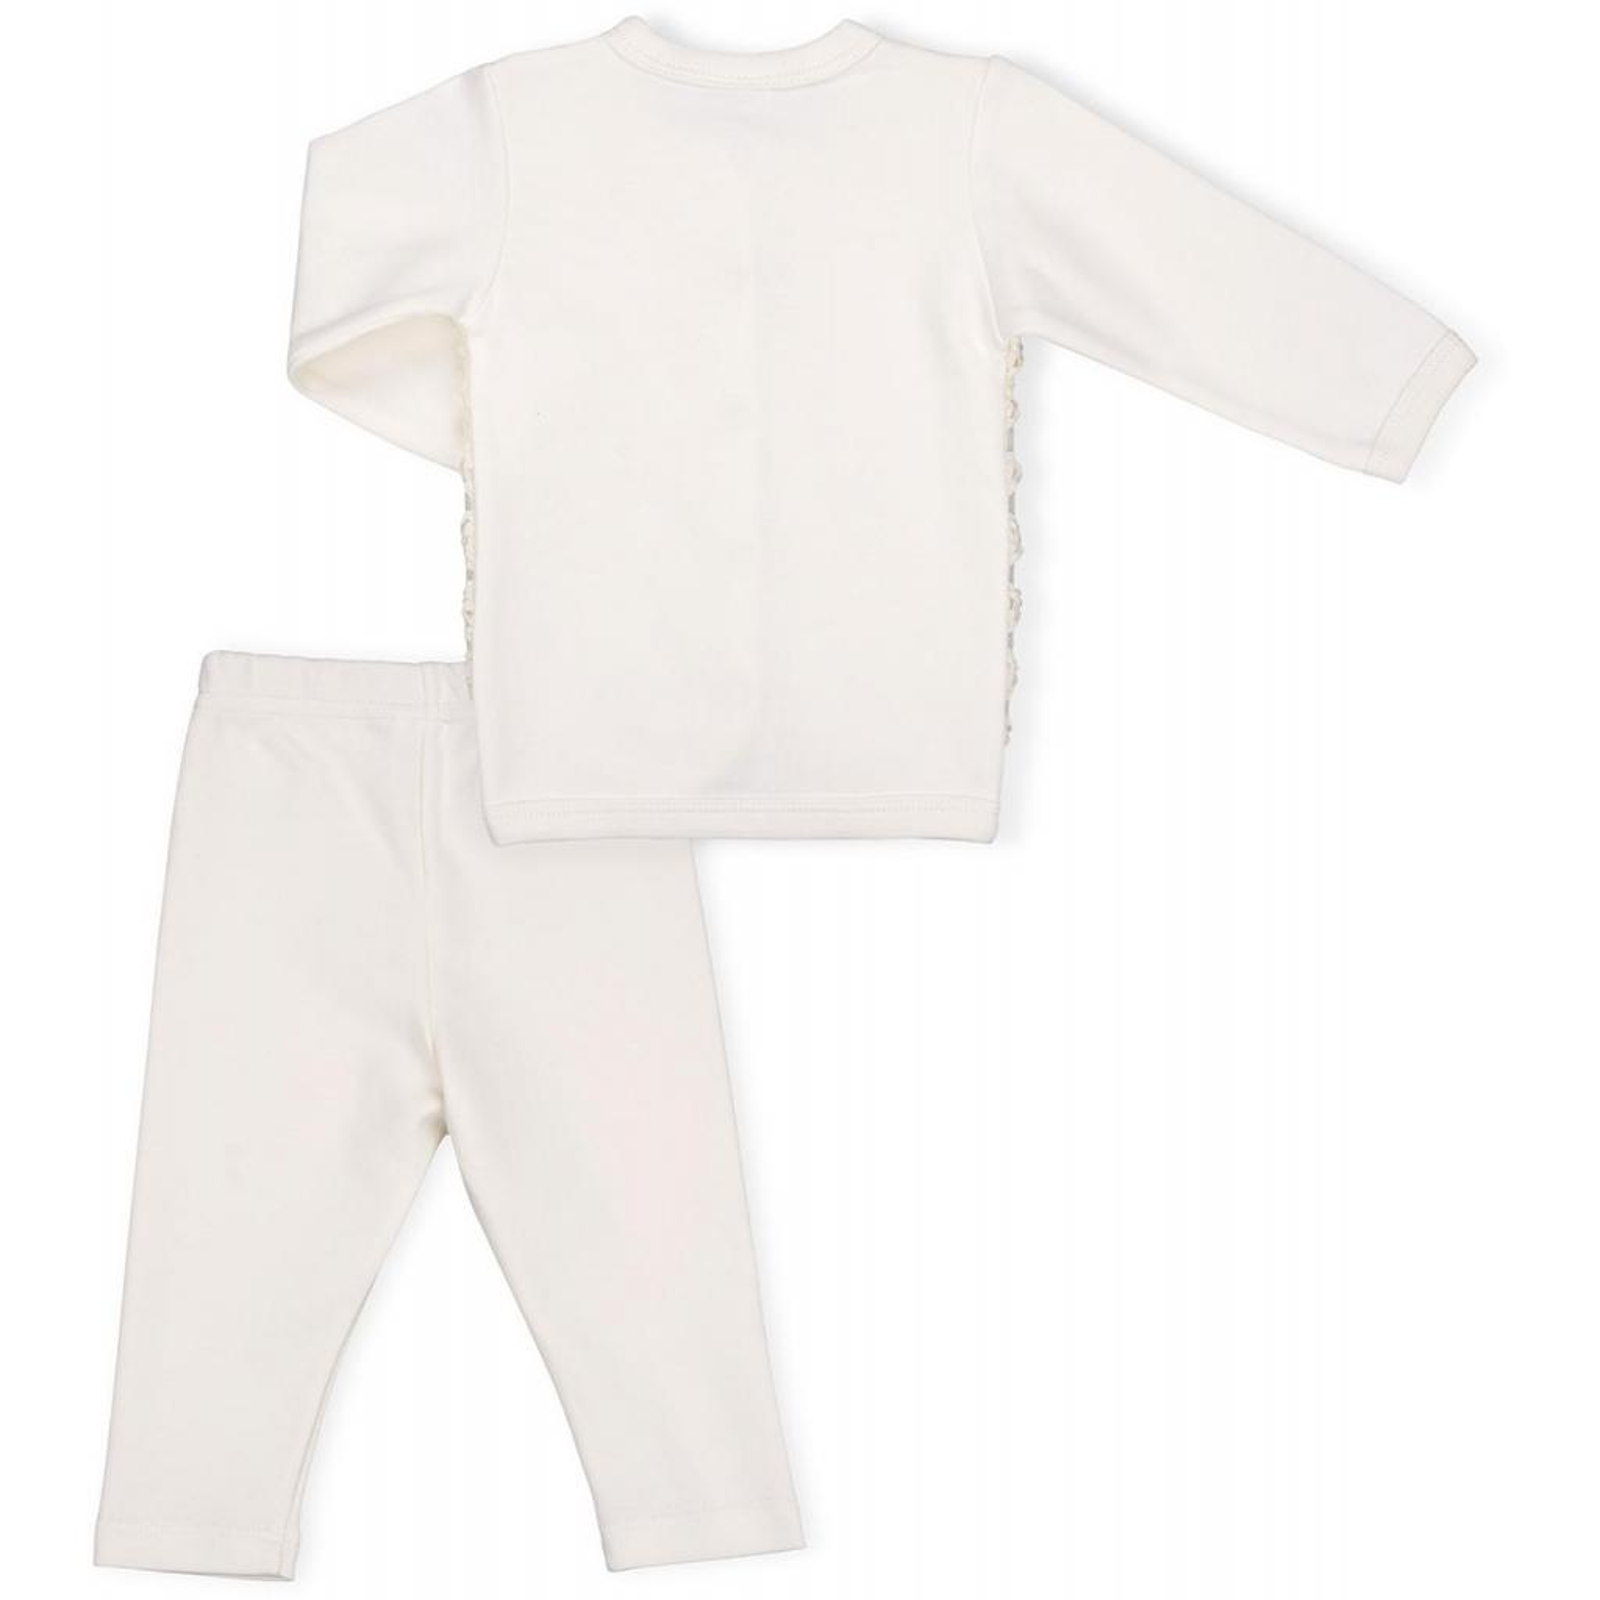 Набор детской одежды Интеркидс с розочками (2364-74G-beige) изображение 4